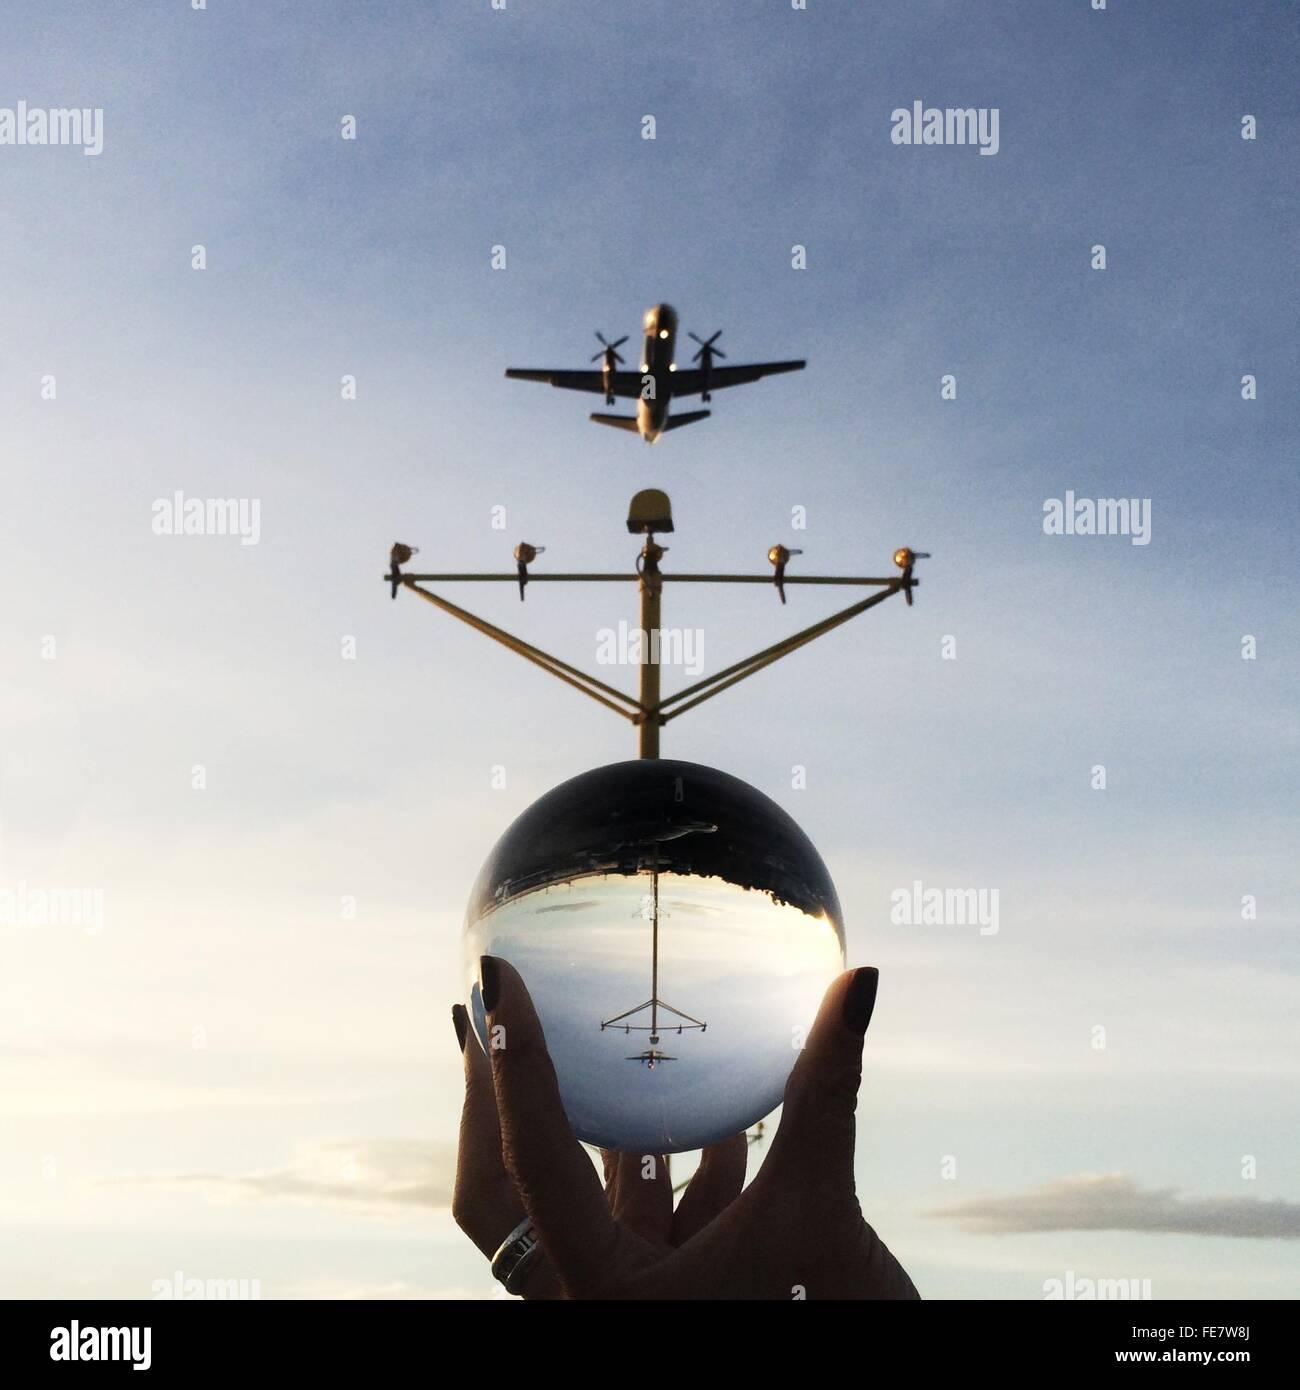 Reflet de la sphère de verre en avion Photo Stock